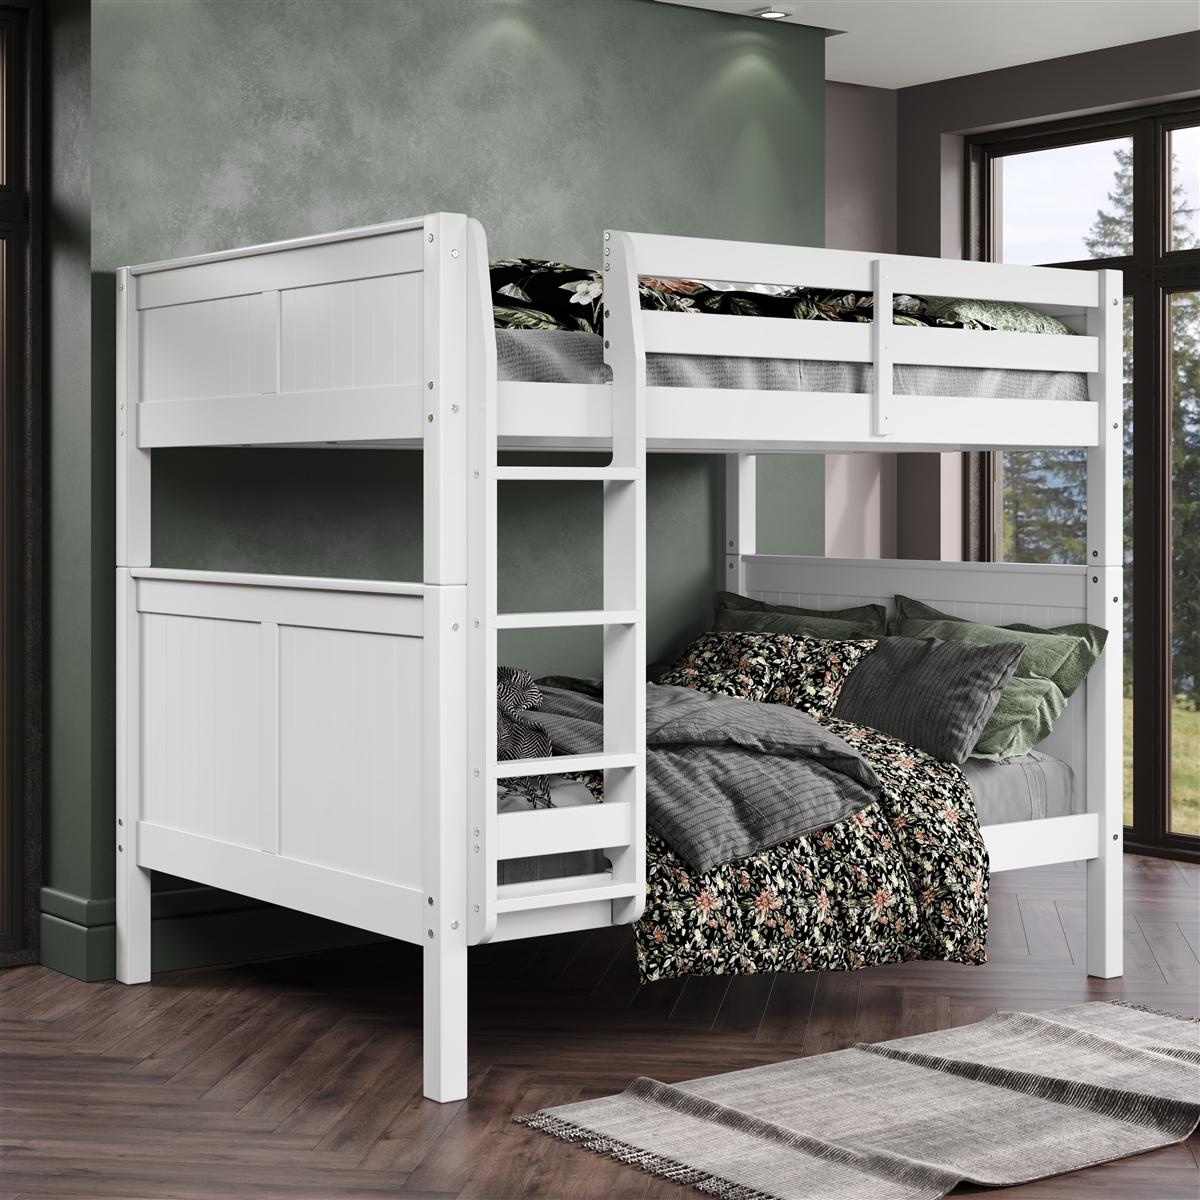 Camaflexi Full over Full Bunk Bed - Panel Headboard - White Finish